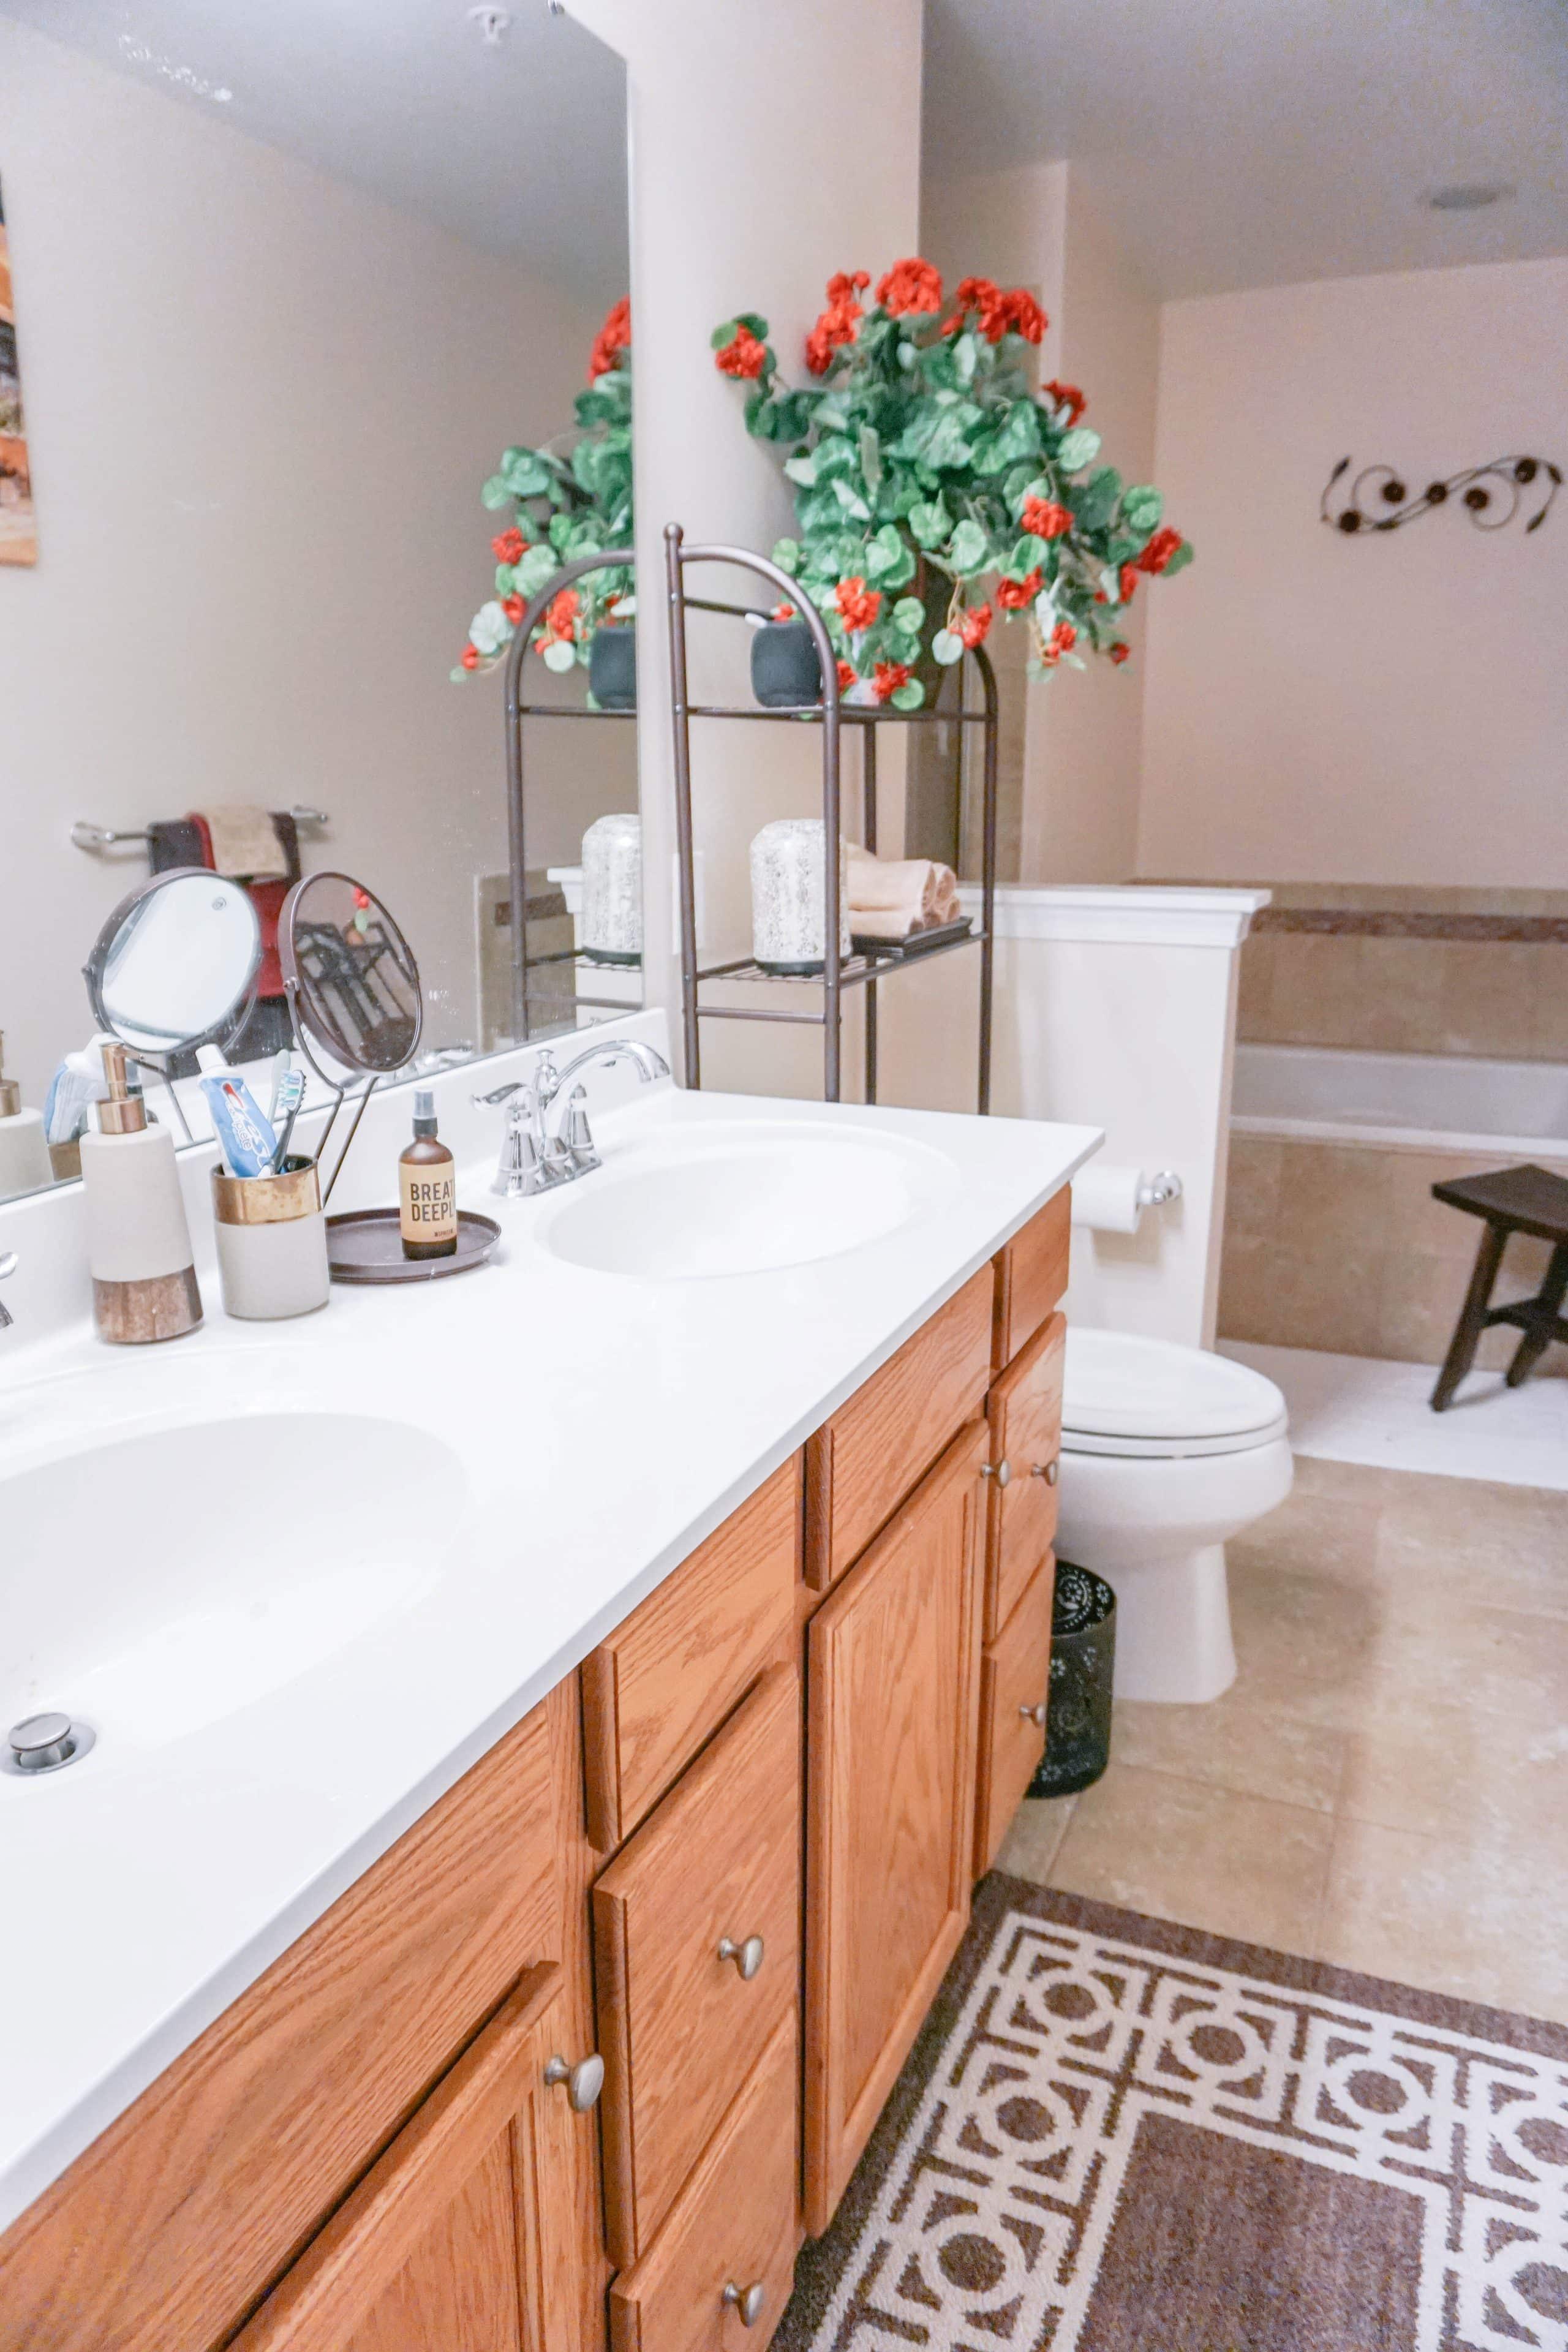 Our New Home Bathroom Decor - LivingLesh